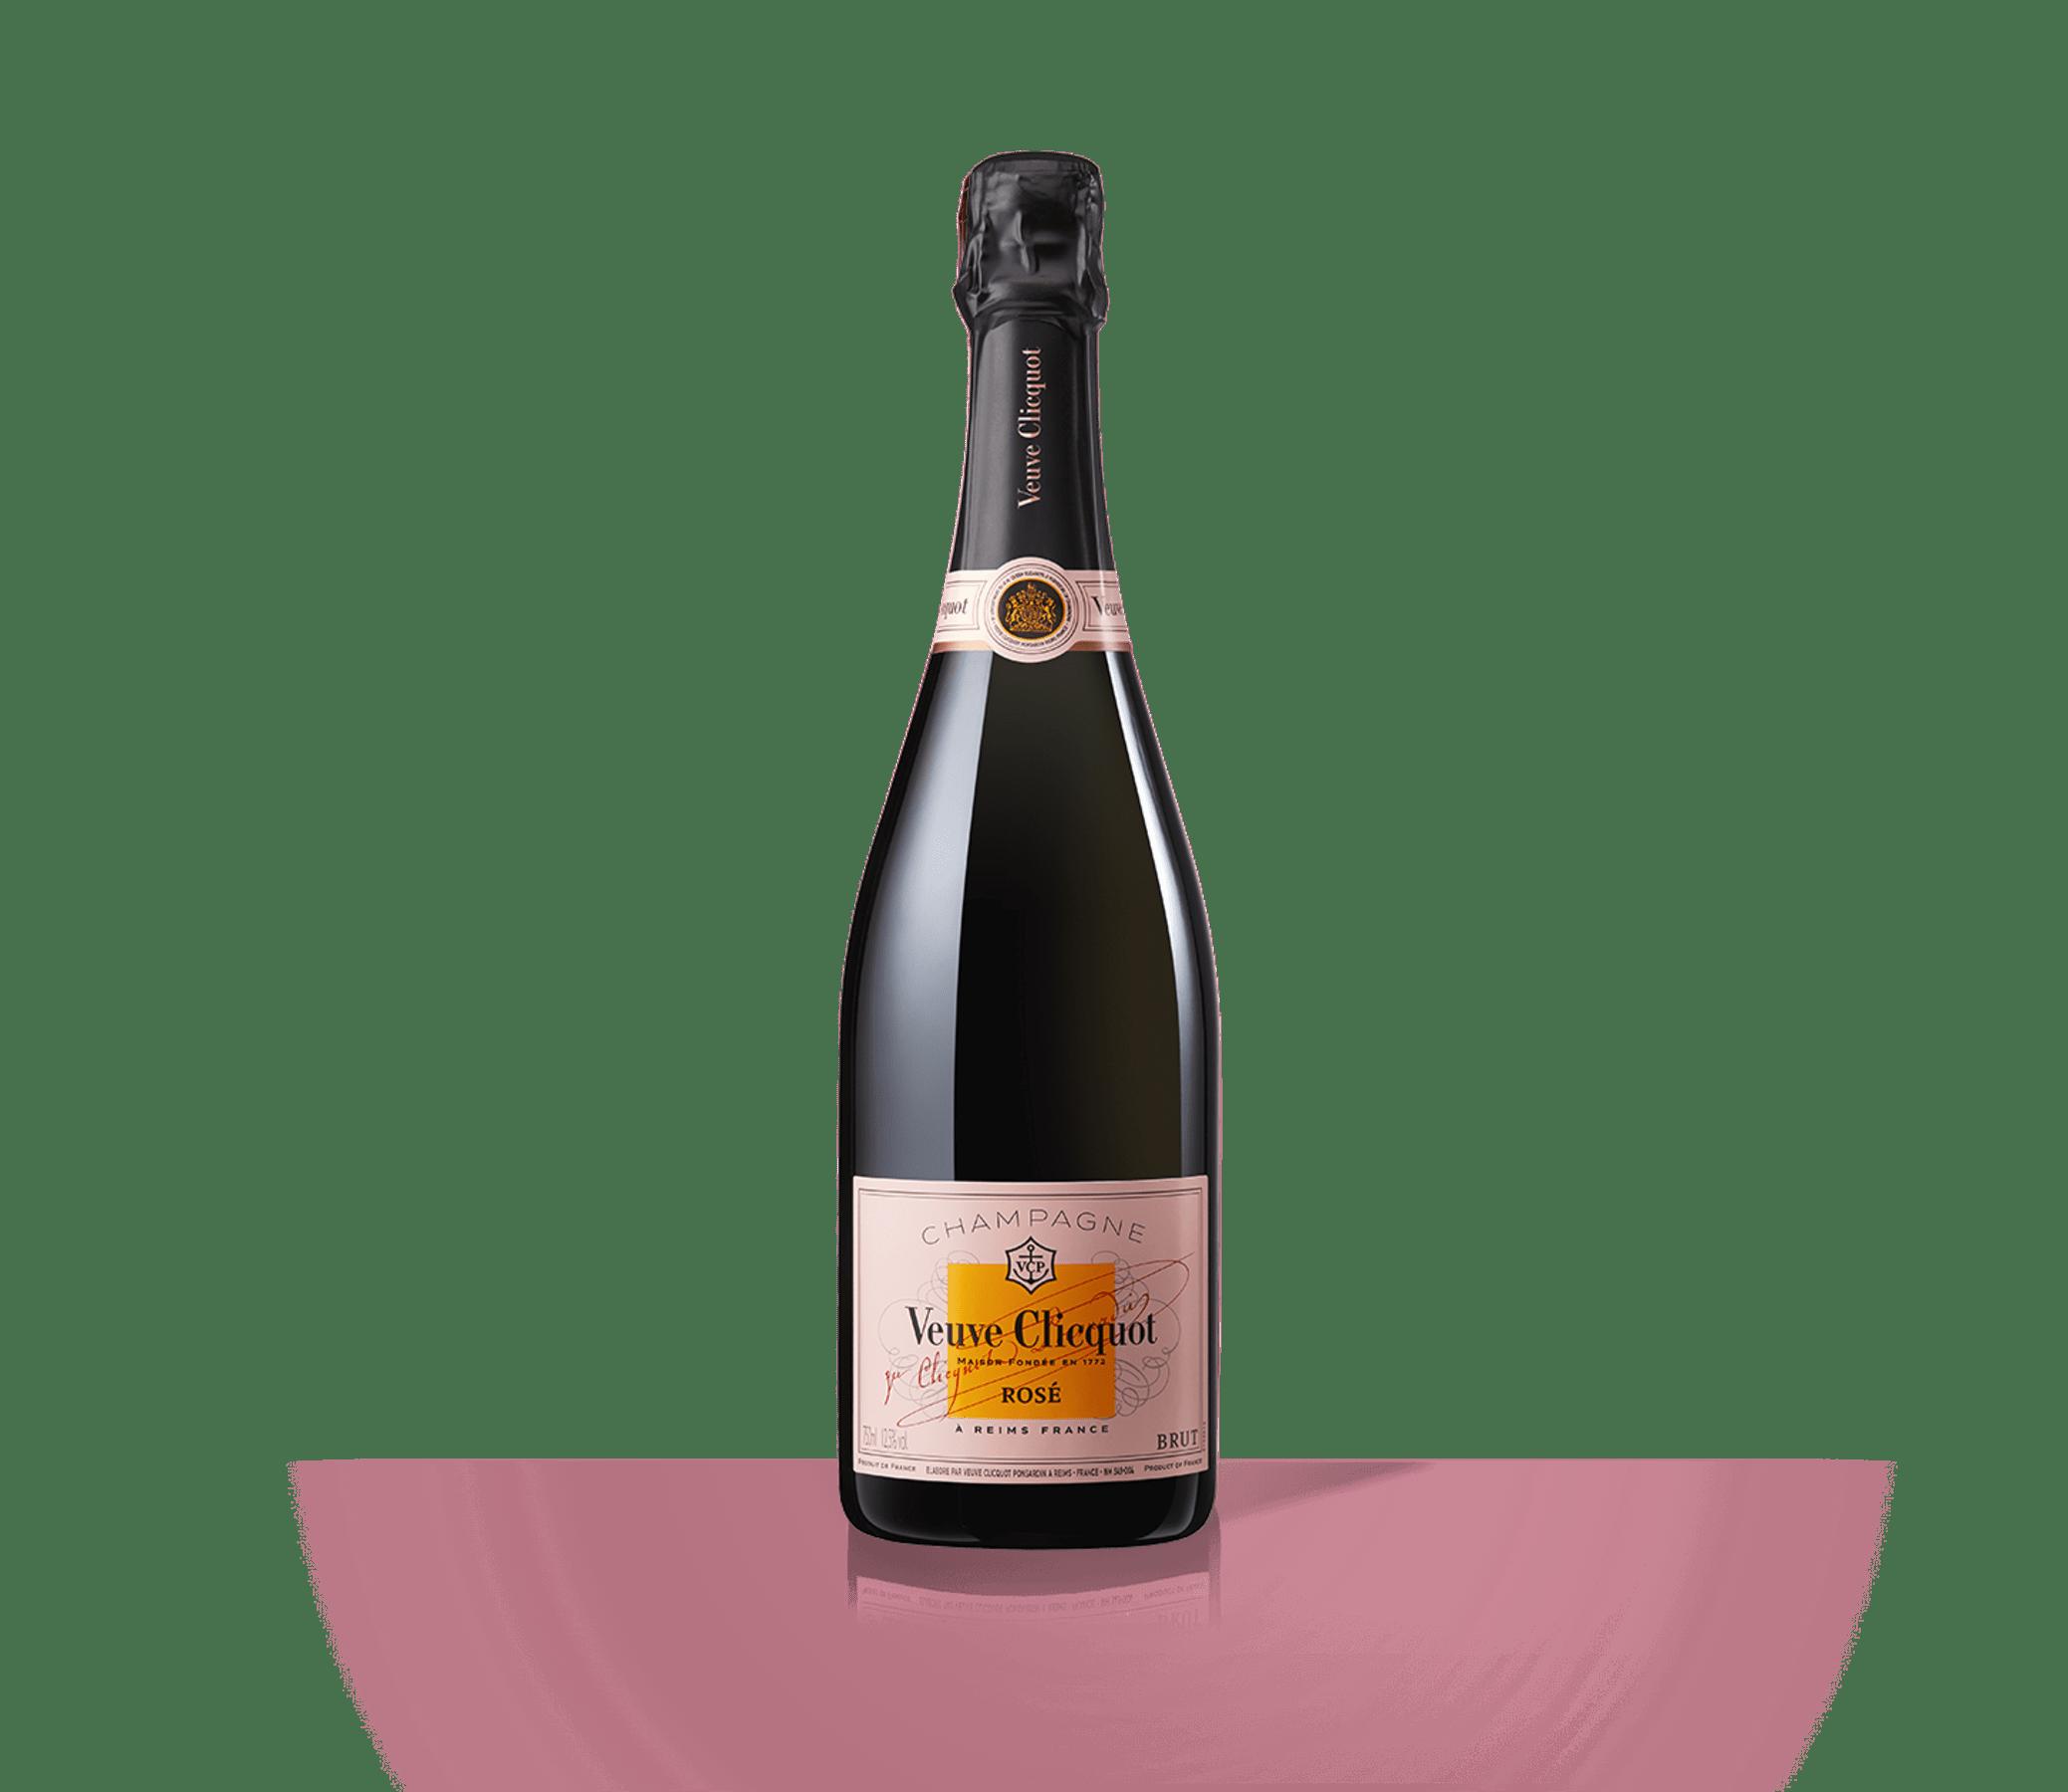 Bouteille de Champagne Veuve Clicquot Rosé